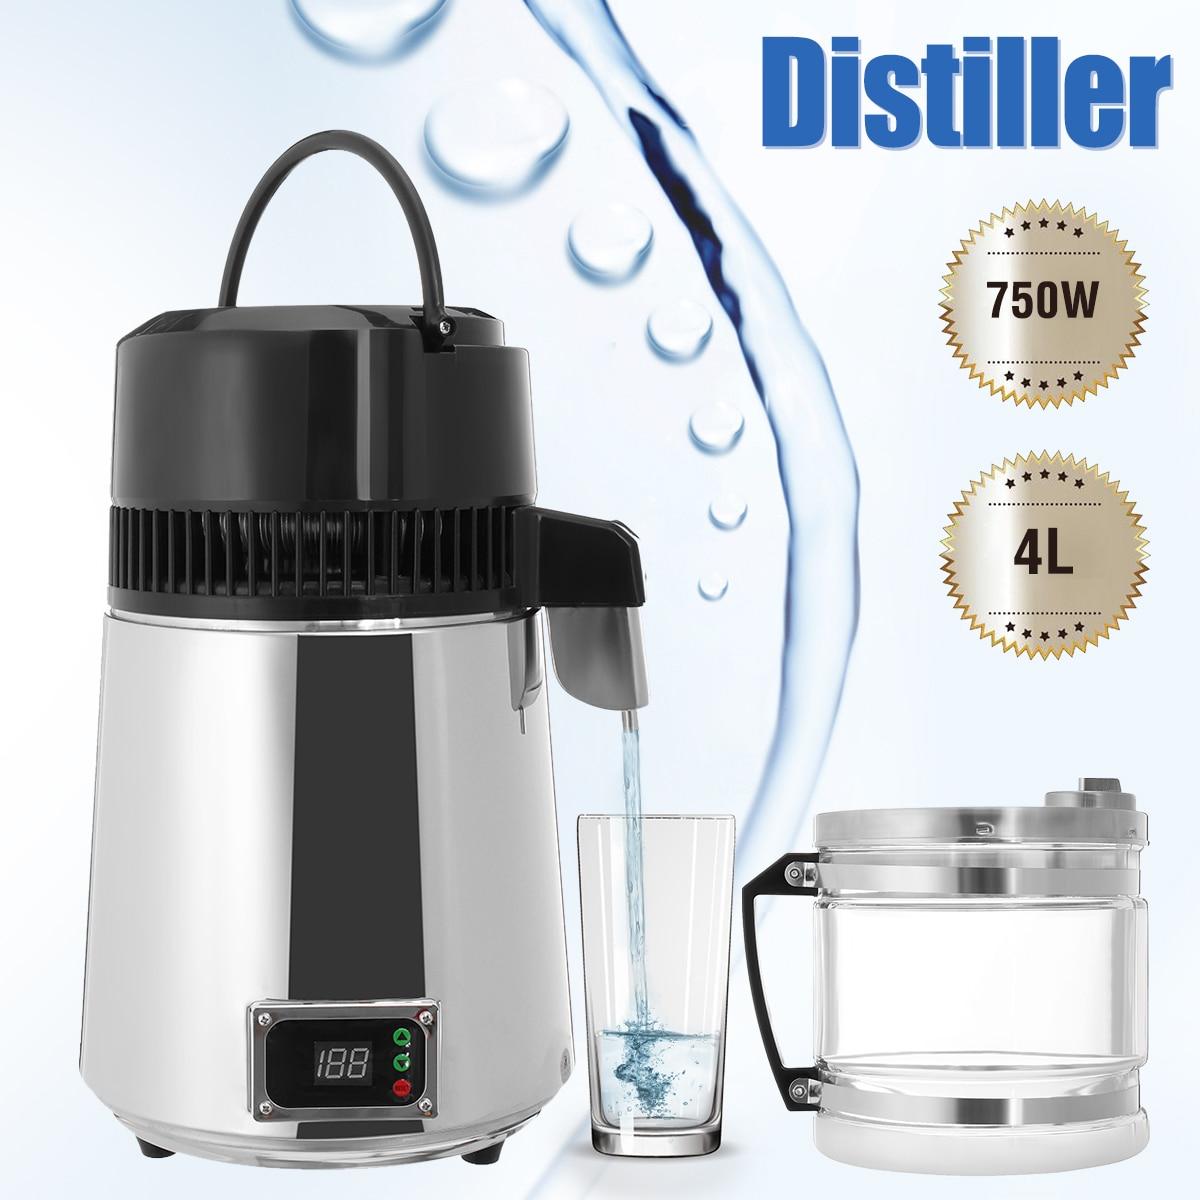 4l 750w casa destilador de água pura elétrica aço inoxidável purificador de água recipiente filtro de água destilada máquina vidro